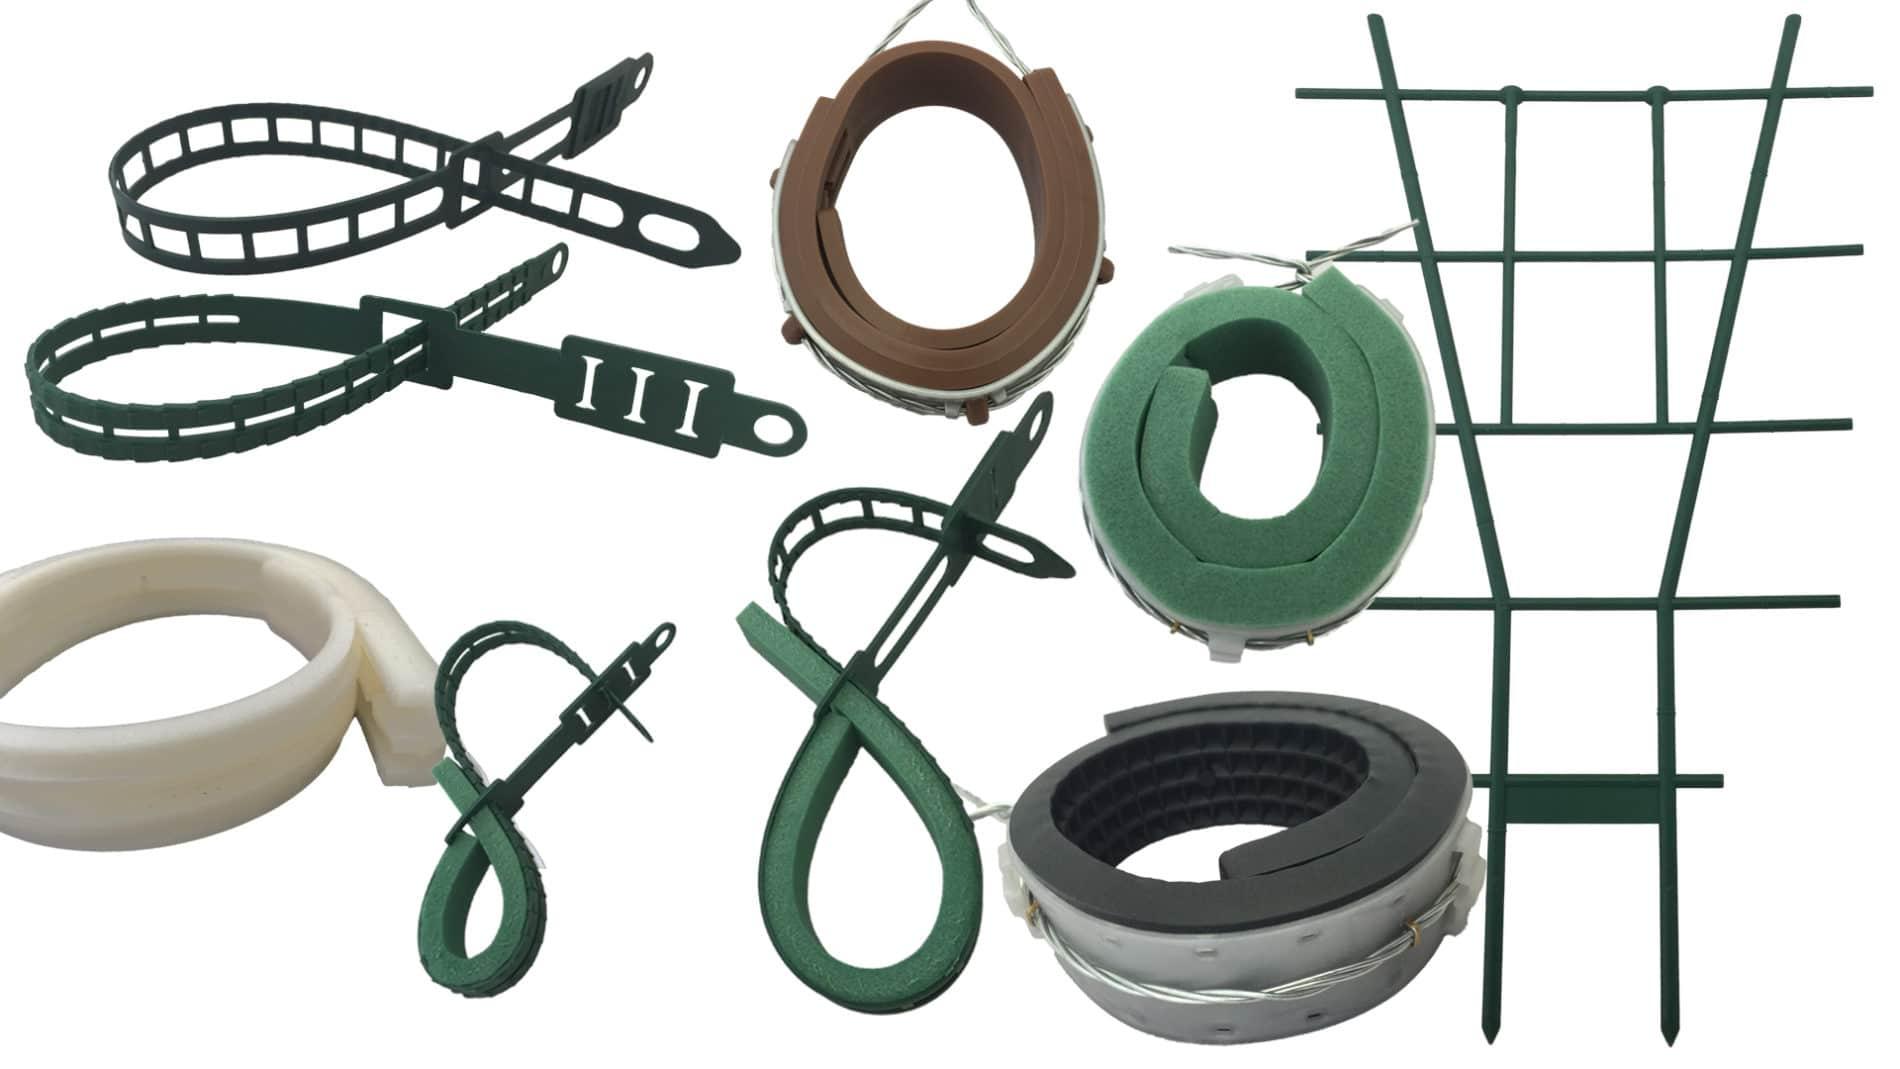 injection plastique de collier professionnel horticulture